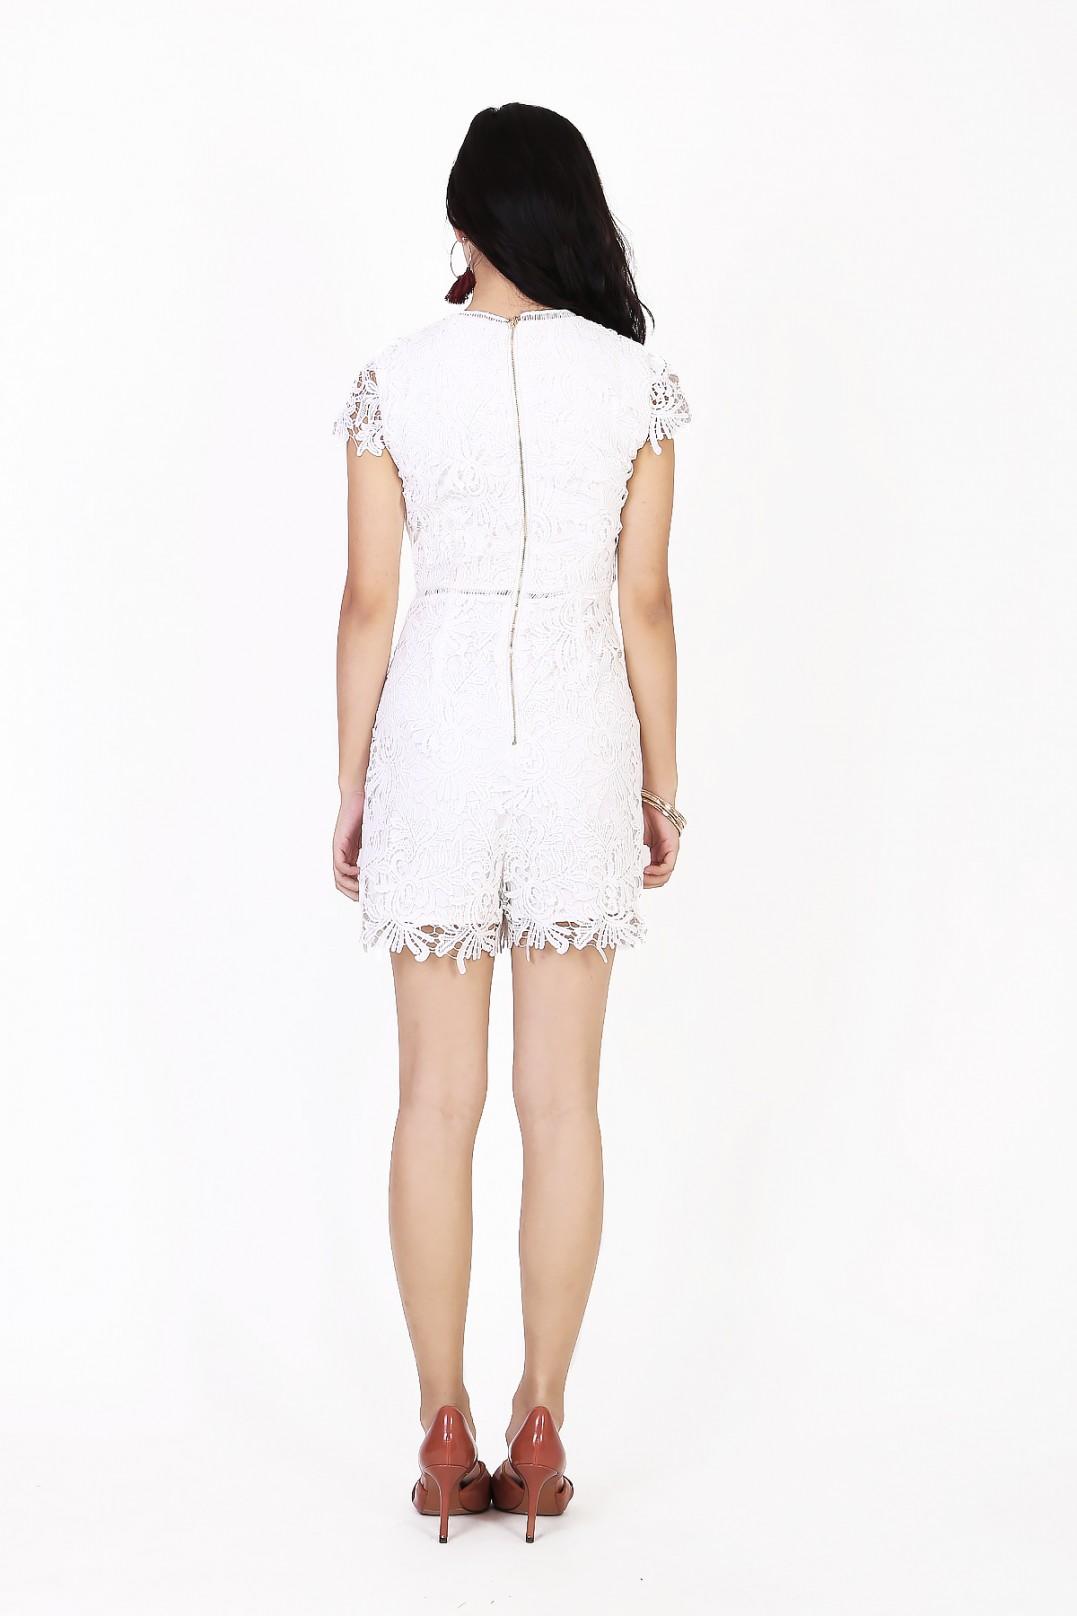 2110ad8abd56 Keisha Crochet Romper in White - MGP